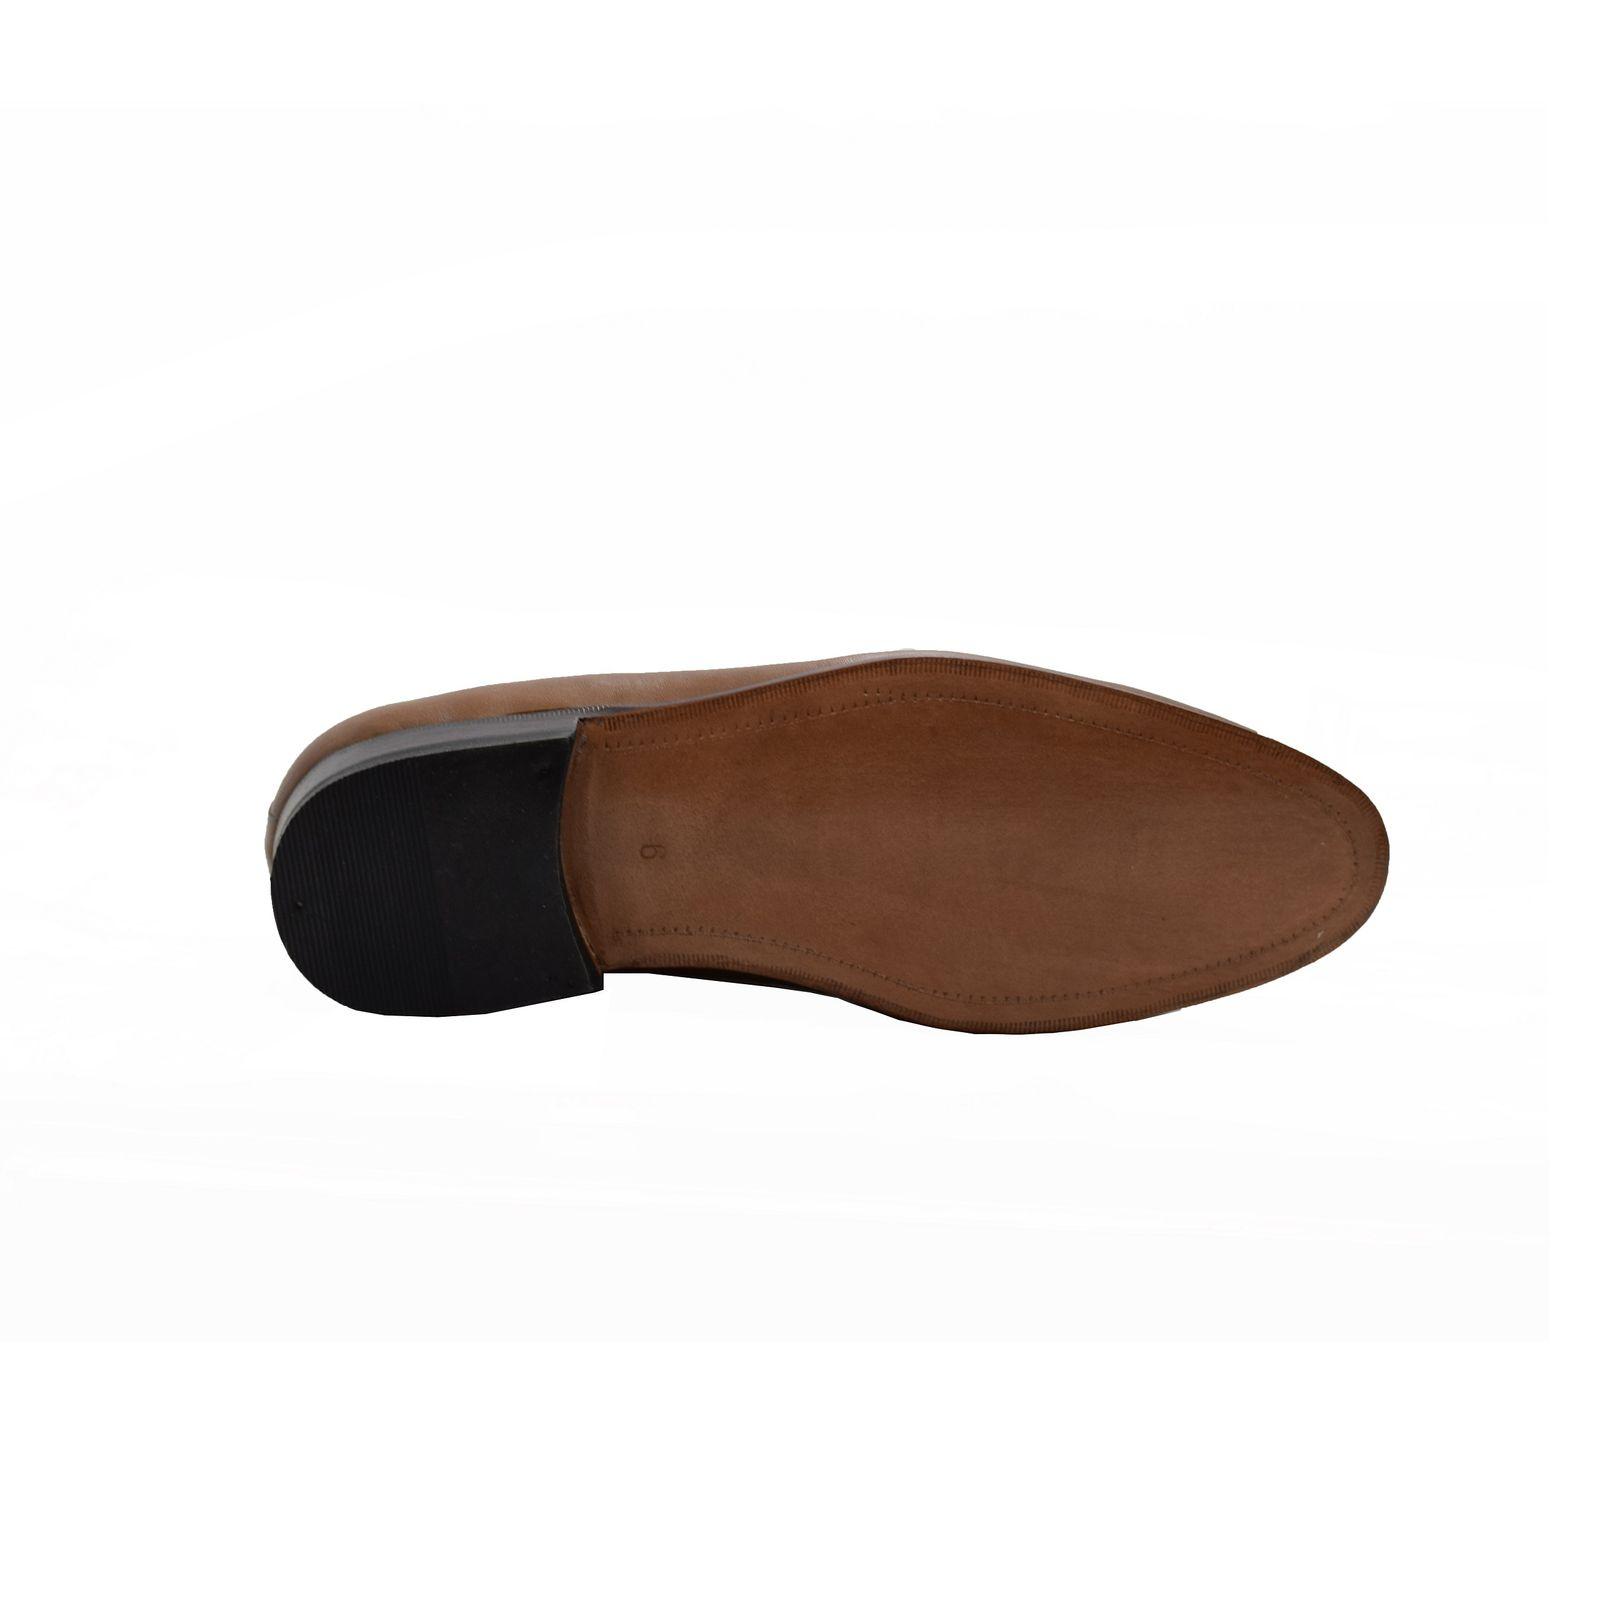 کفش مردانه دگرمان مدل کلاسیک کد deg.2101-407 -  - 4